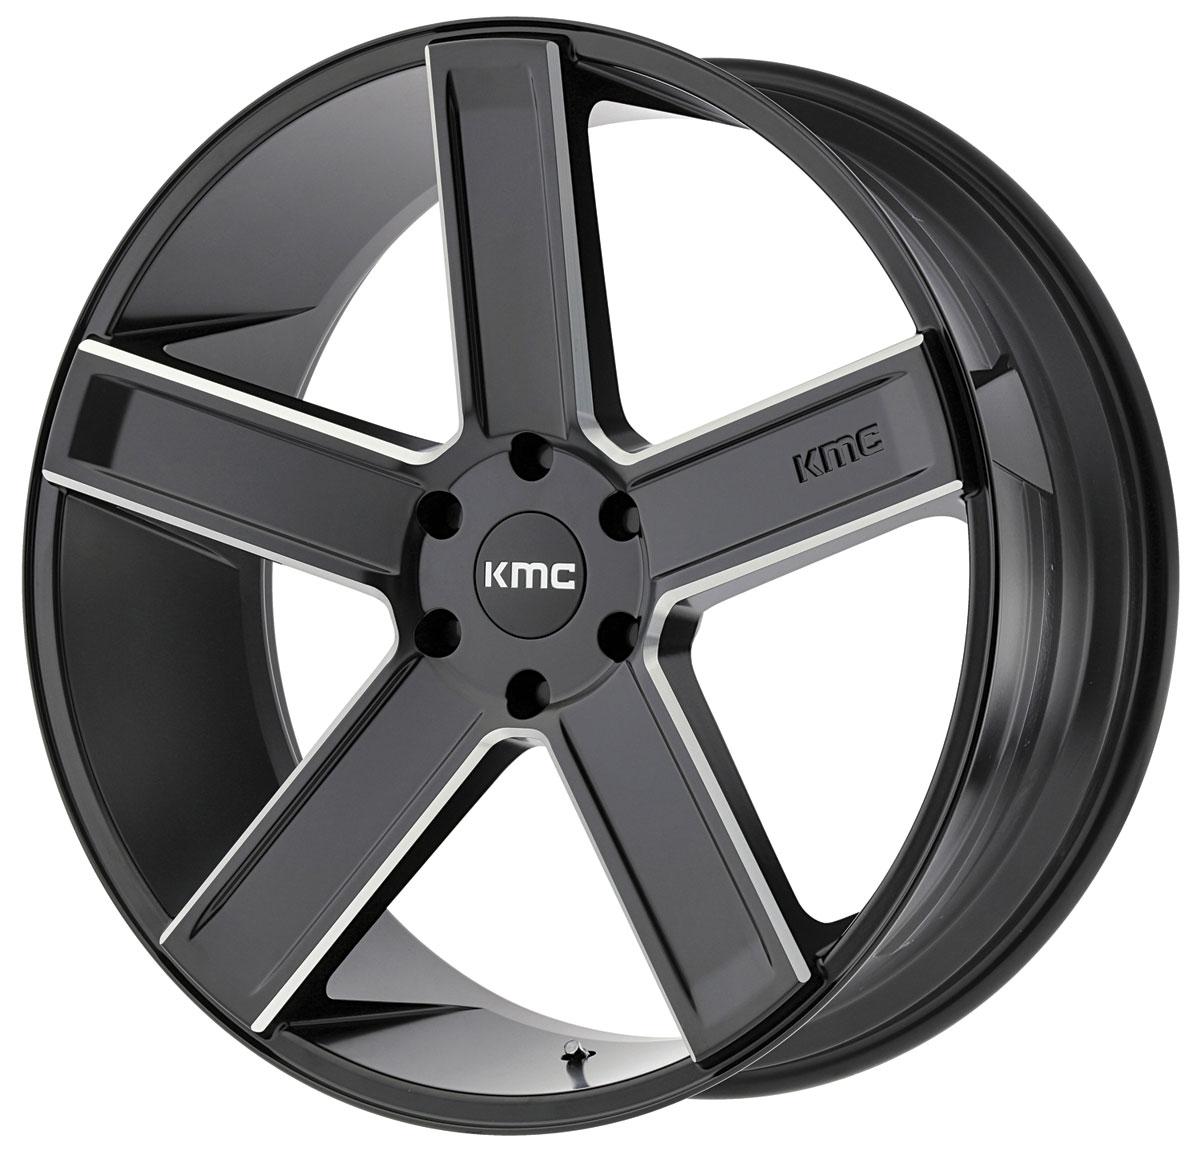 Wheel, KMC, KM702 DUECE, 1999-2019 Escalade, 20X8.5